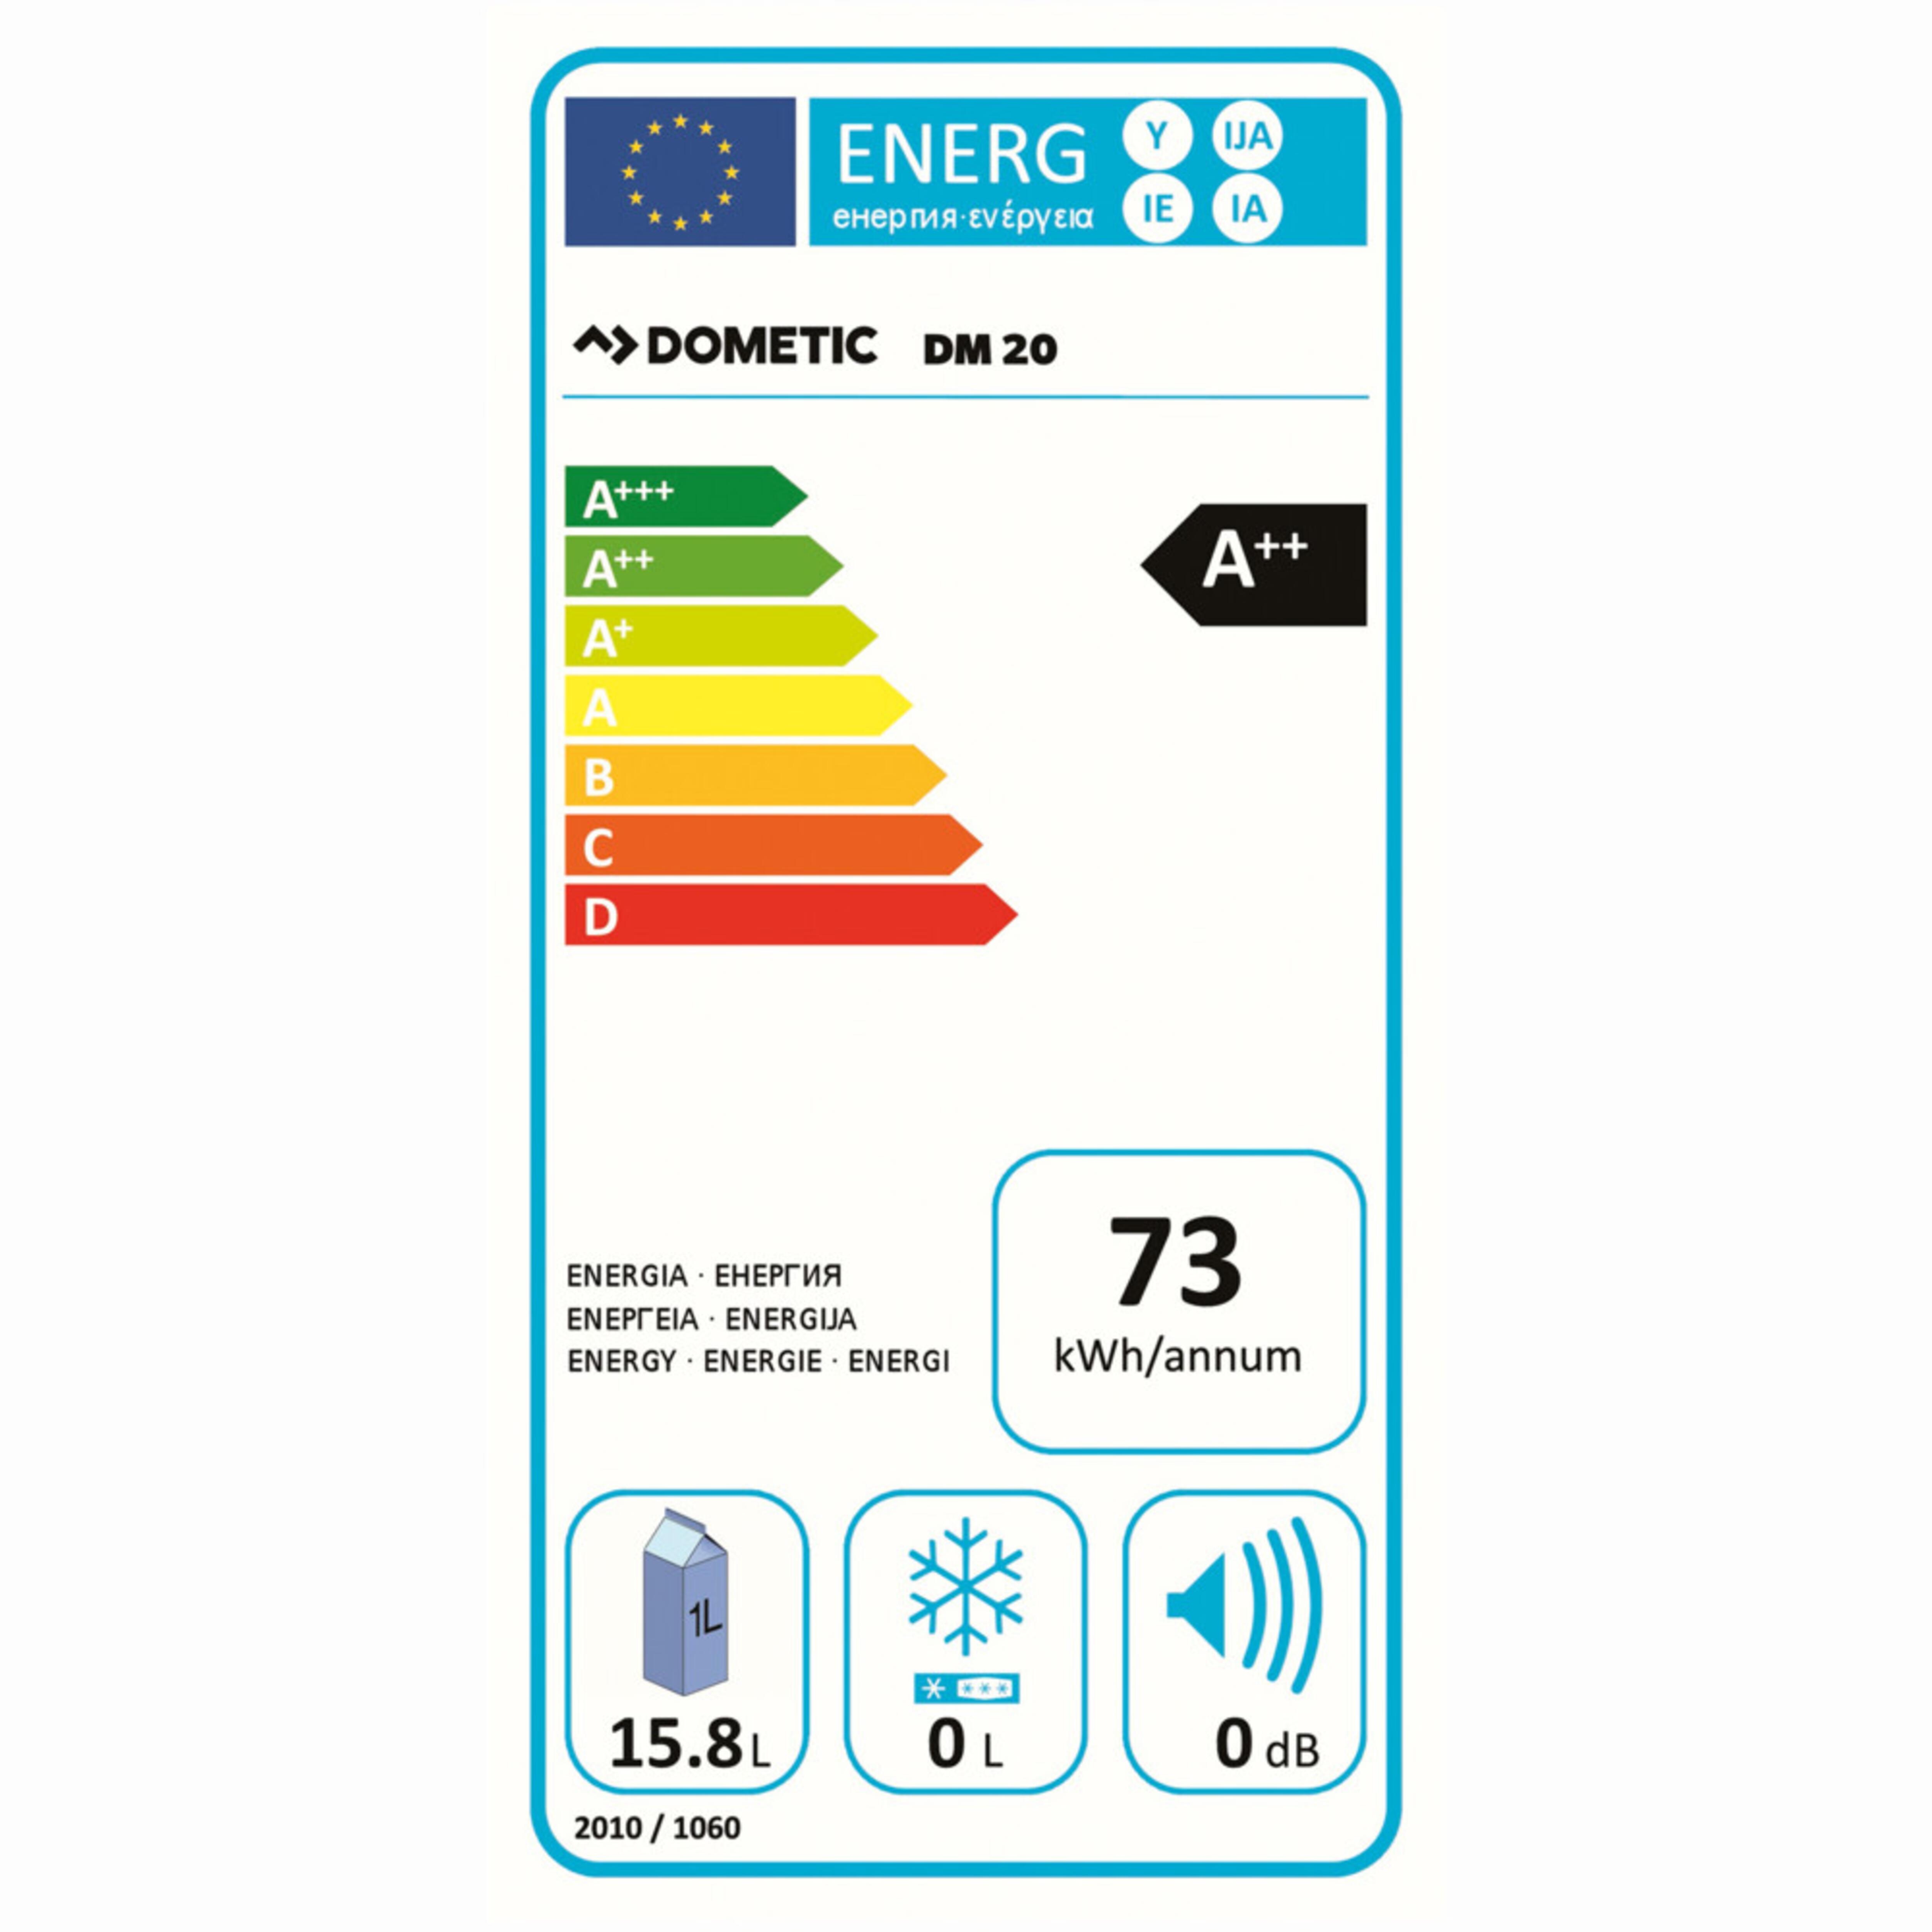 Dometic DM 20 D Energy label